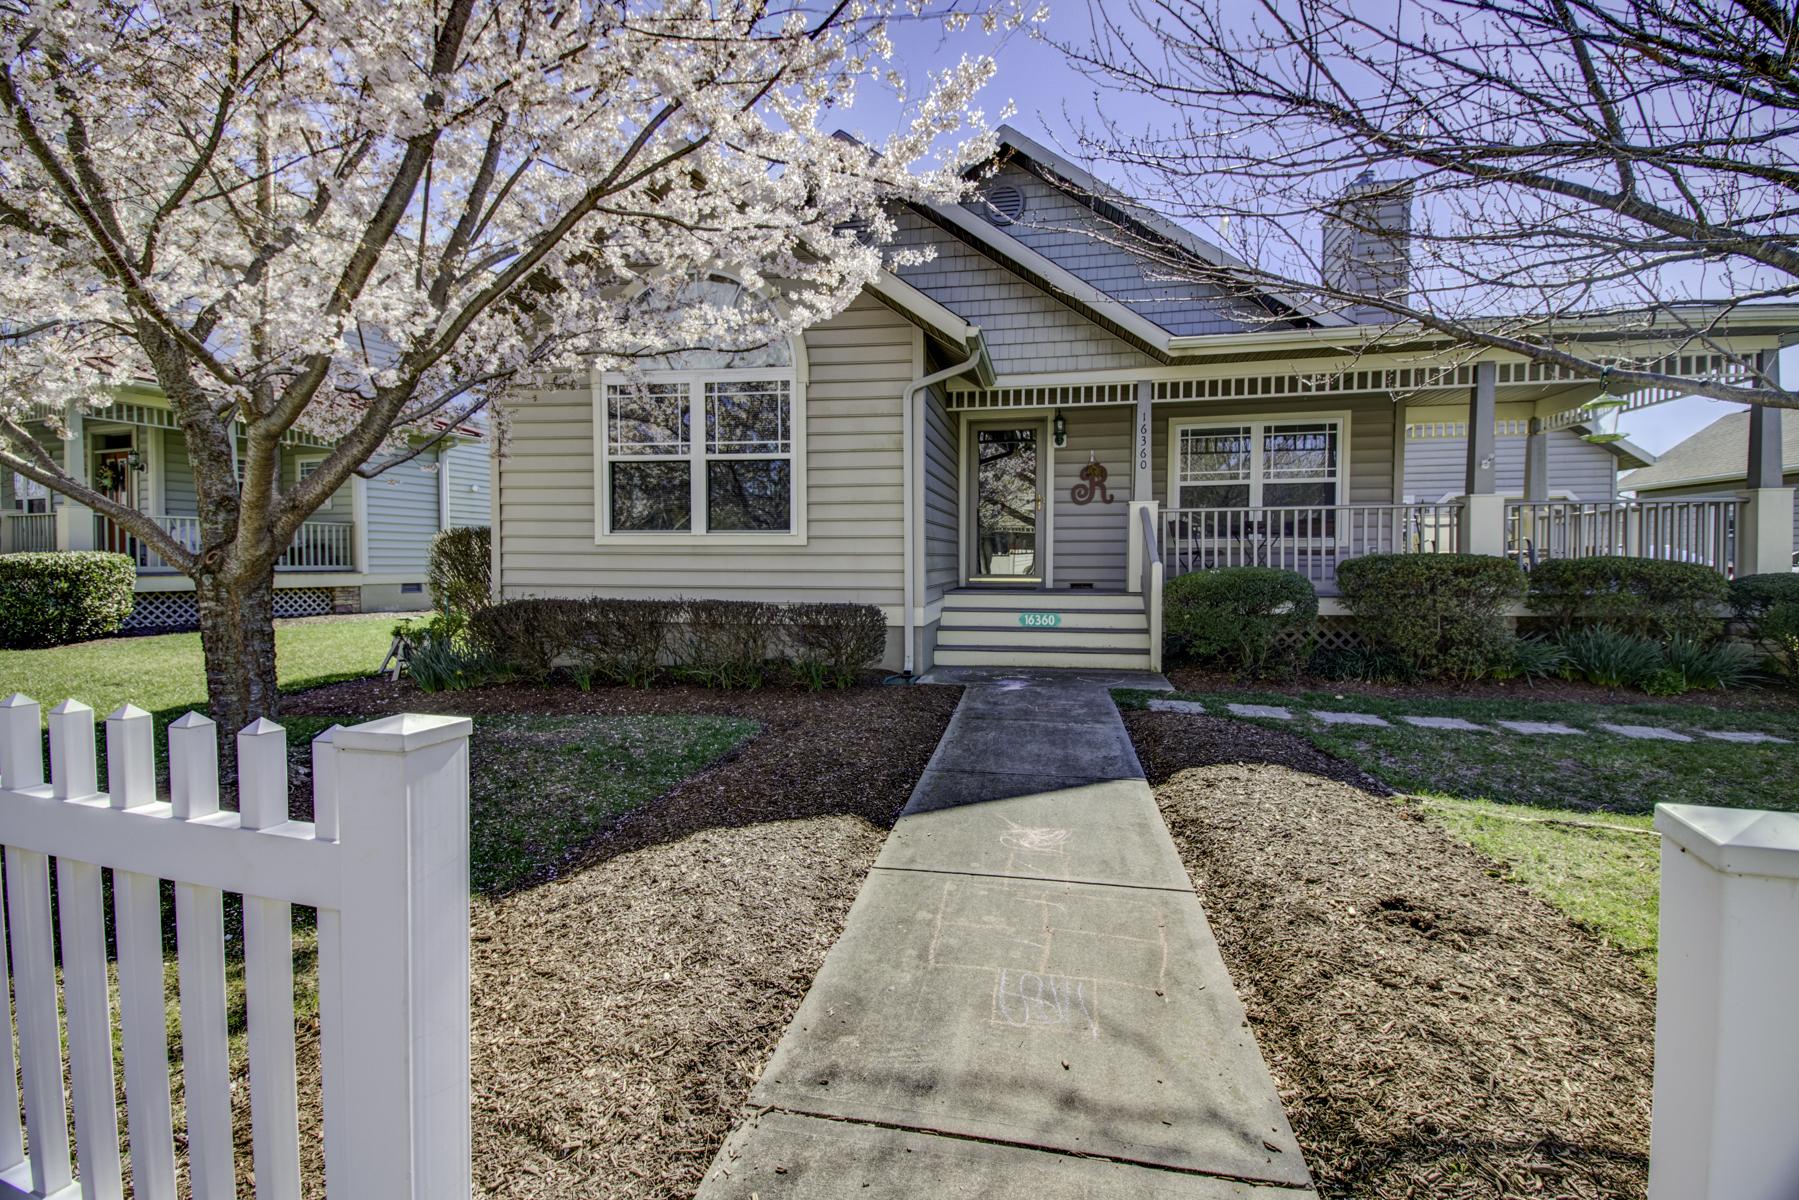 Tek Ailelik Ev için Satış at Contemporary Coastal Cottage 16360 John Rowland Trail Milton, Delaware, 19968 Amerika Birleşik Devletleri